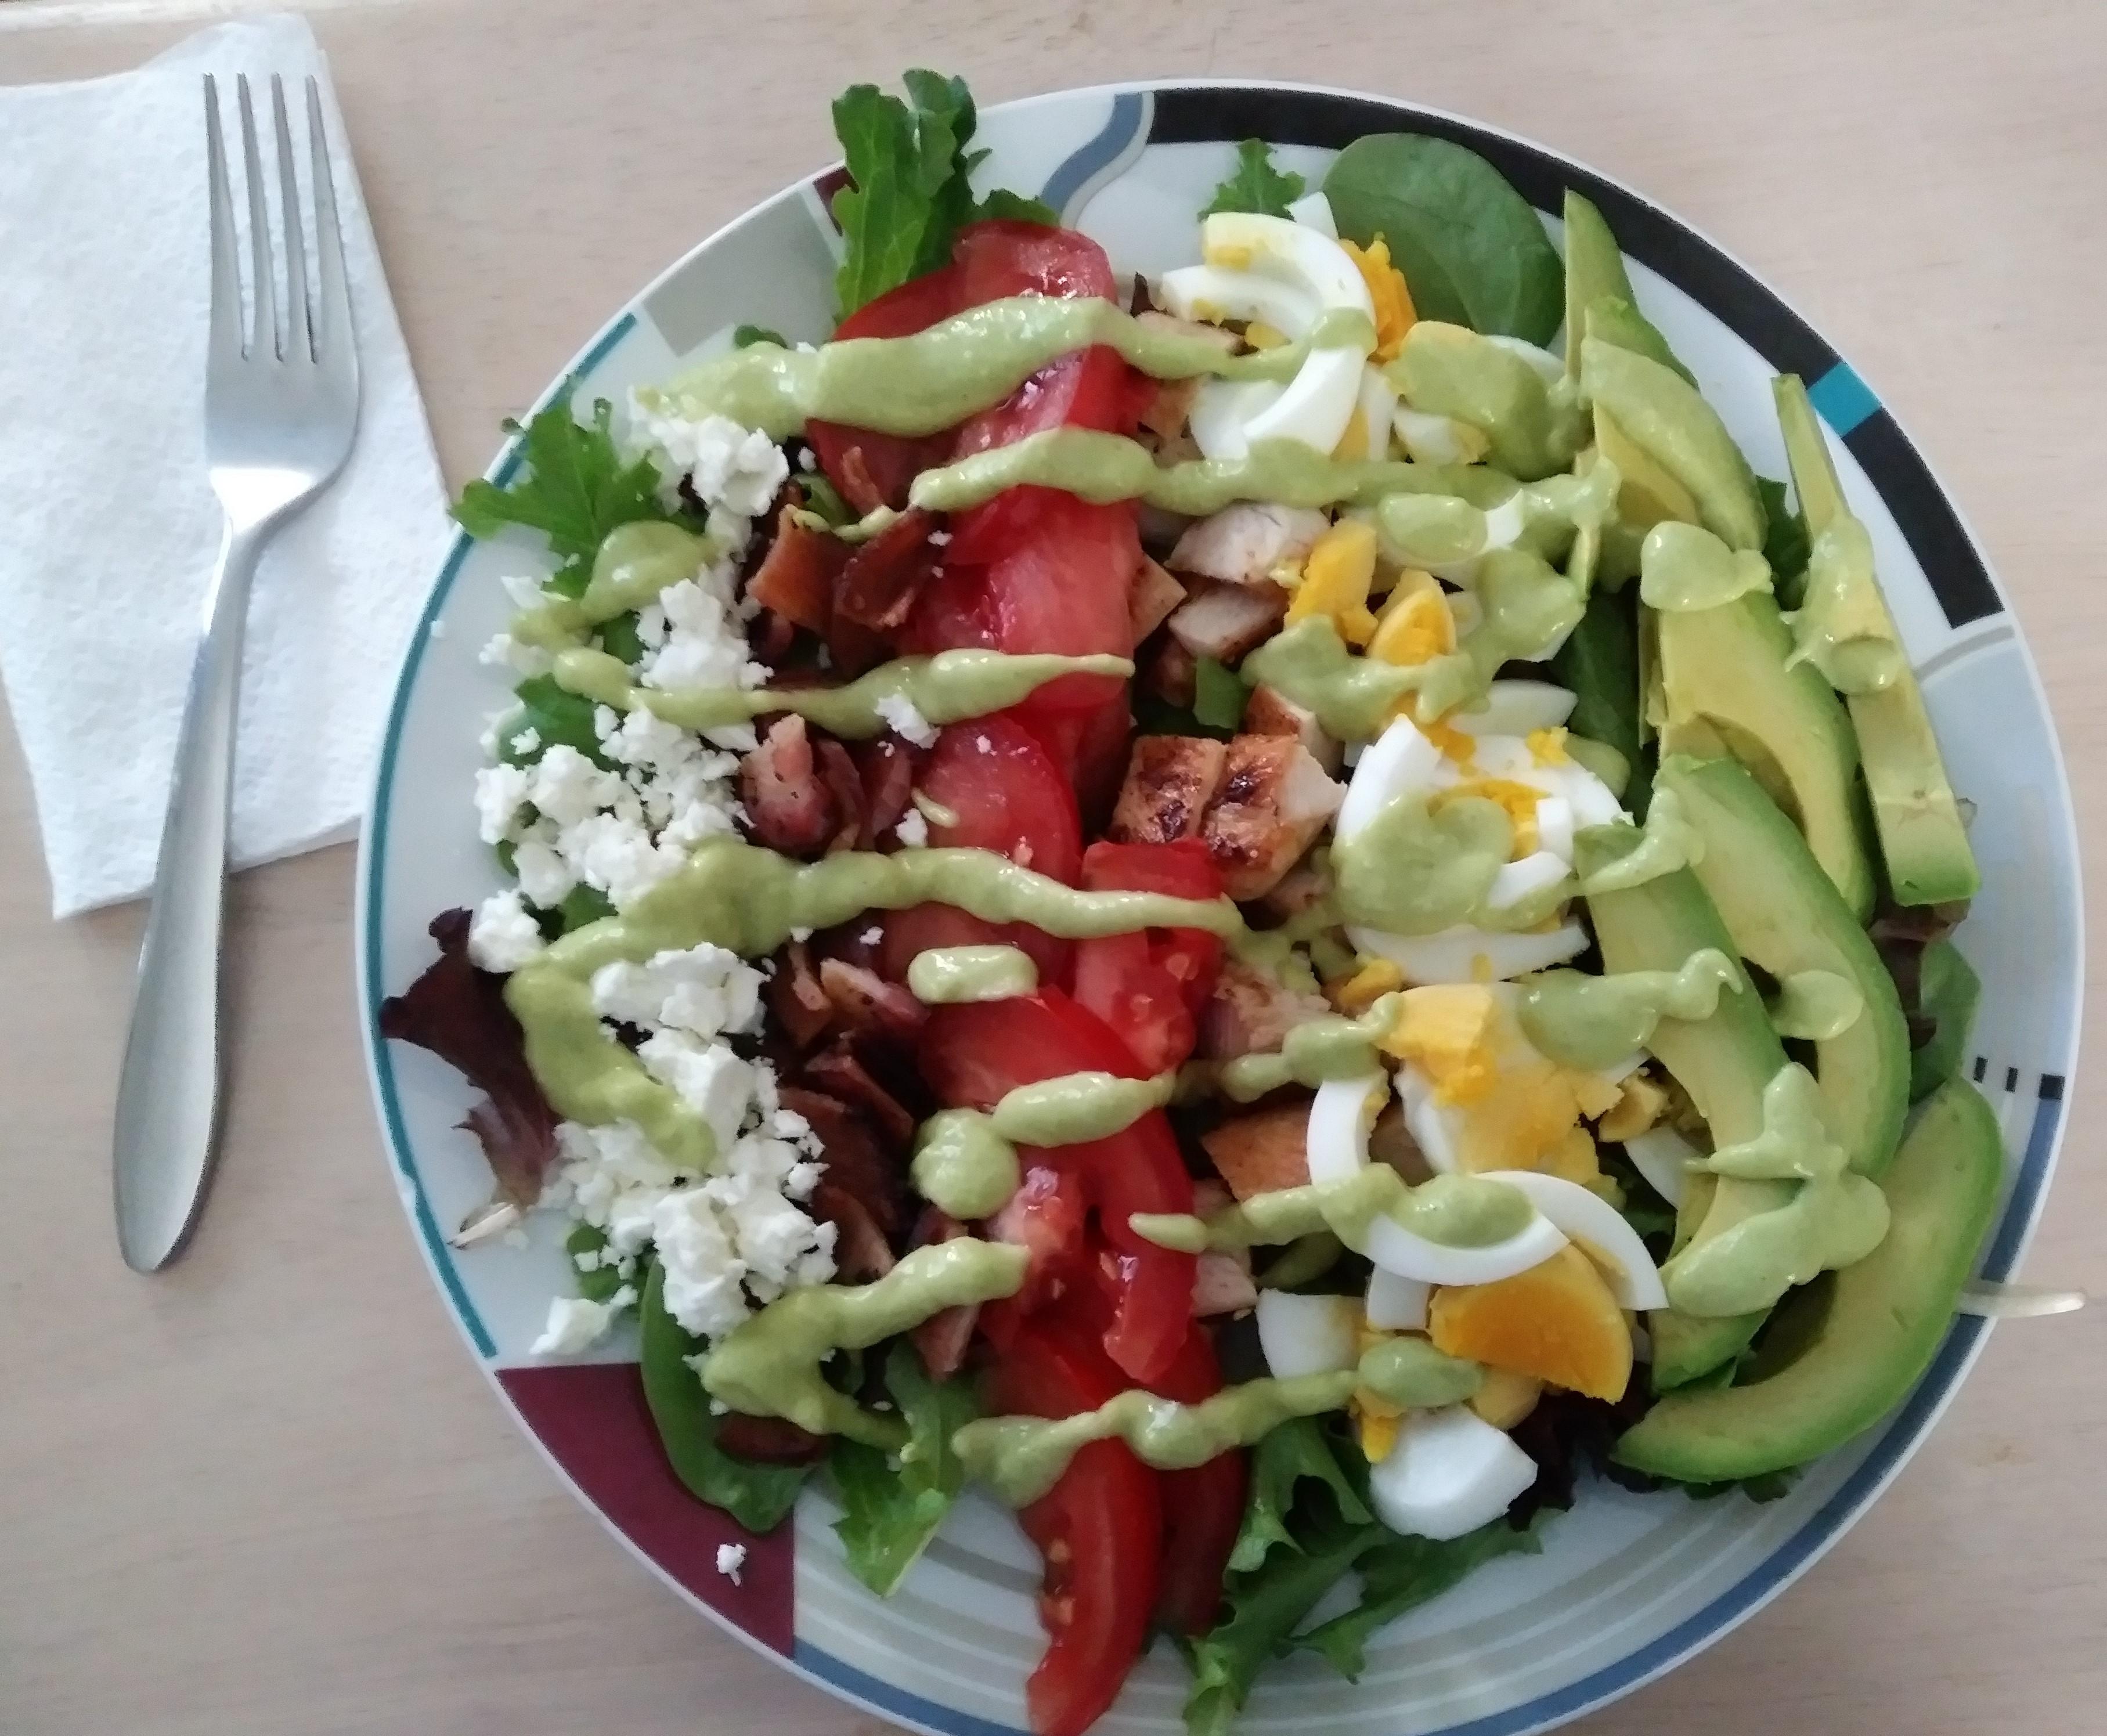 Mini Cobb Salad with Avocado Dressing Recipe - Allrecipes com